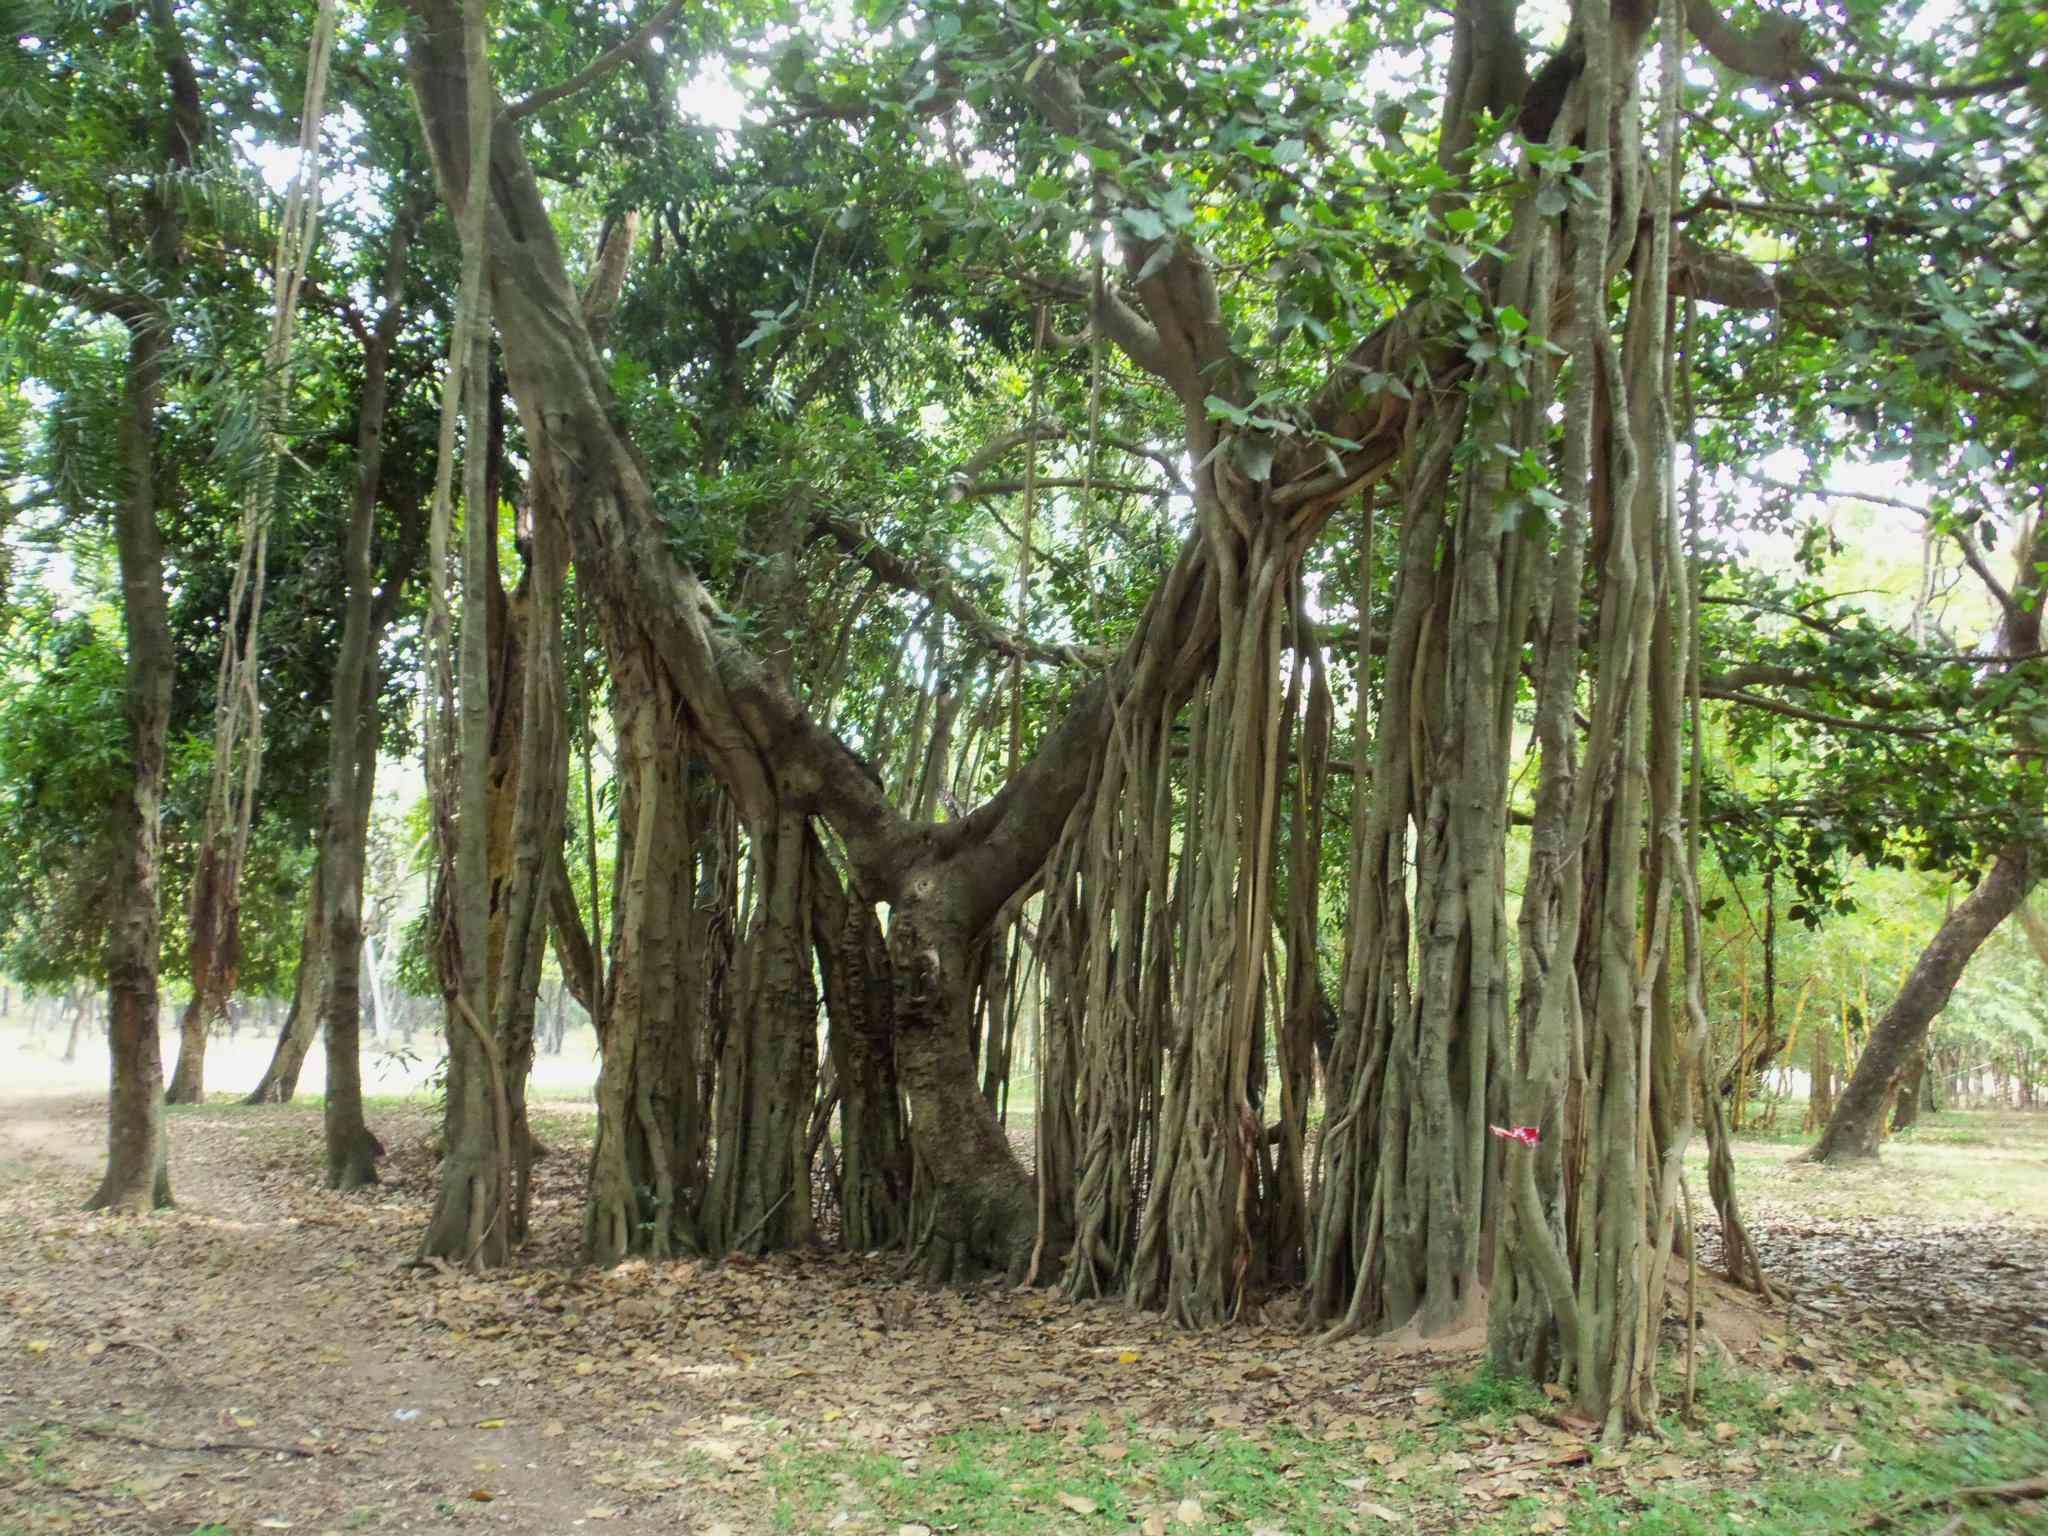 Tree in the Botanical Garden of Asuncion